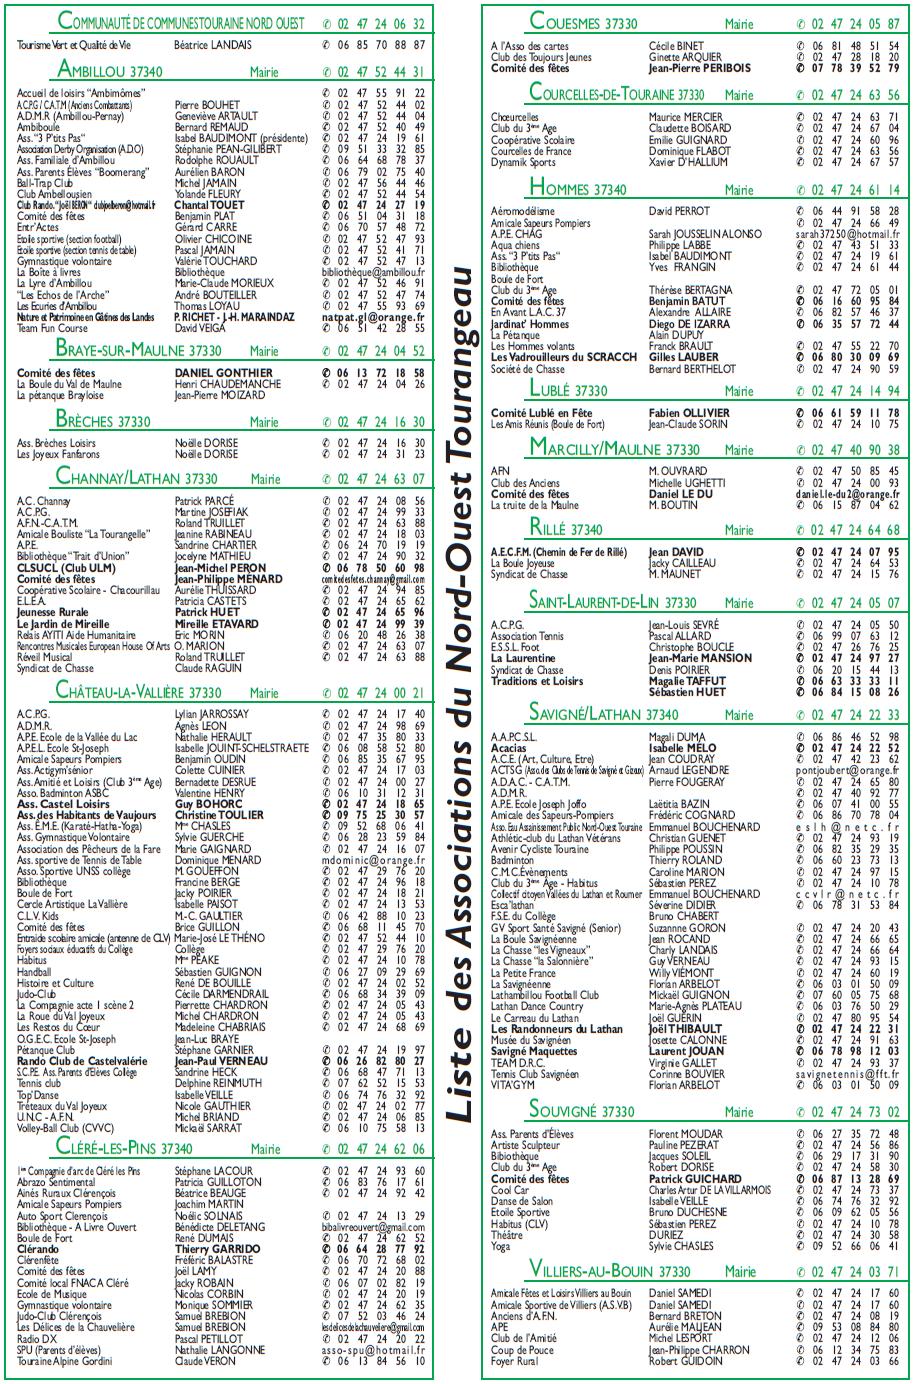 Liste des associations 2019